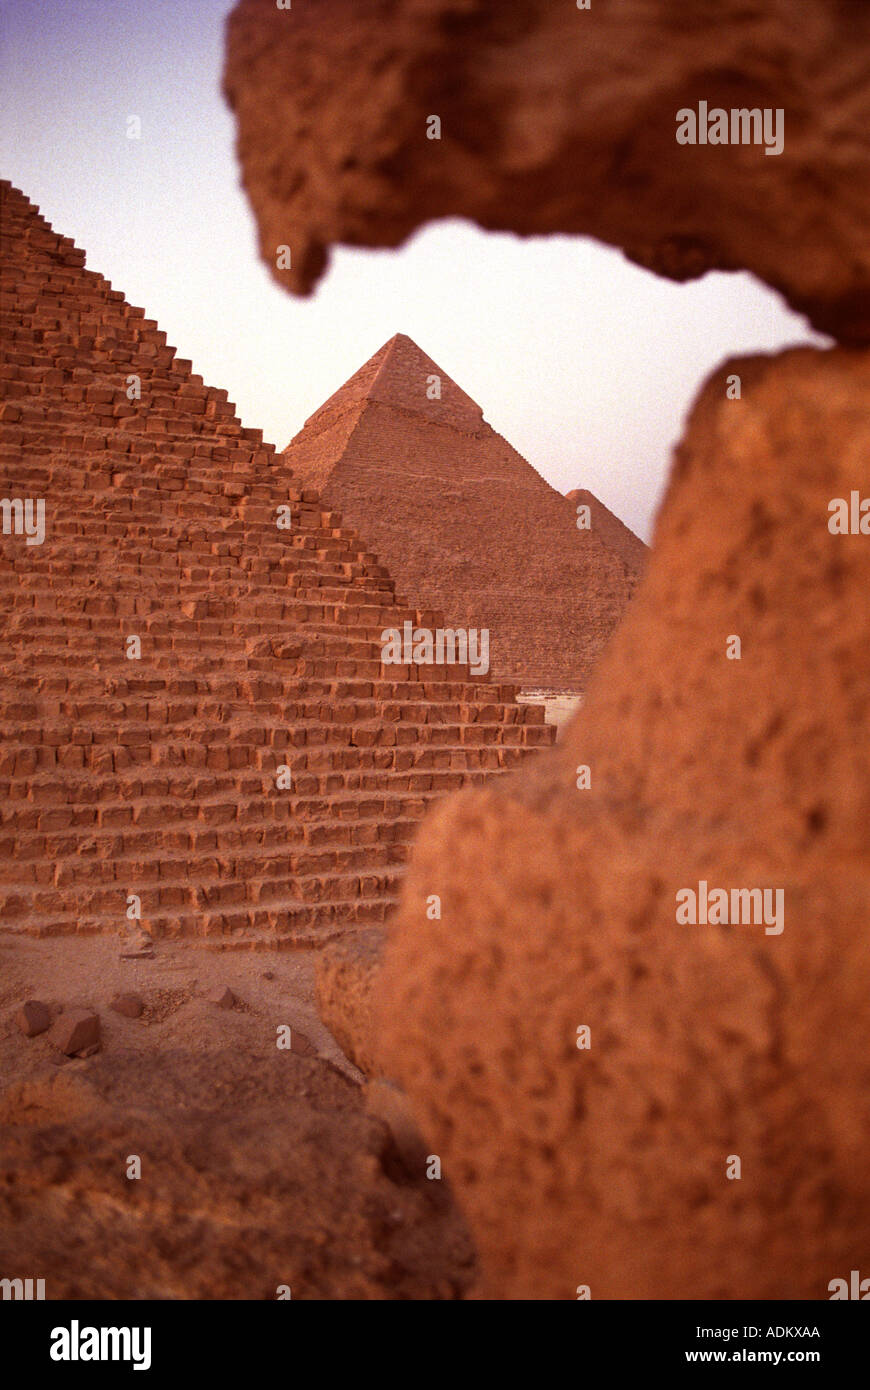 DIE PYRAMIDEN VON GIZEH IN DER NÄHE VON KAIRO Stockbild